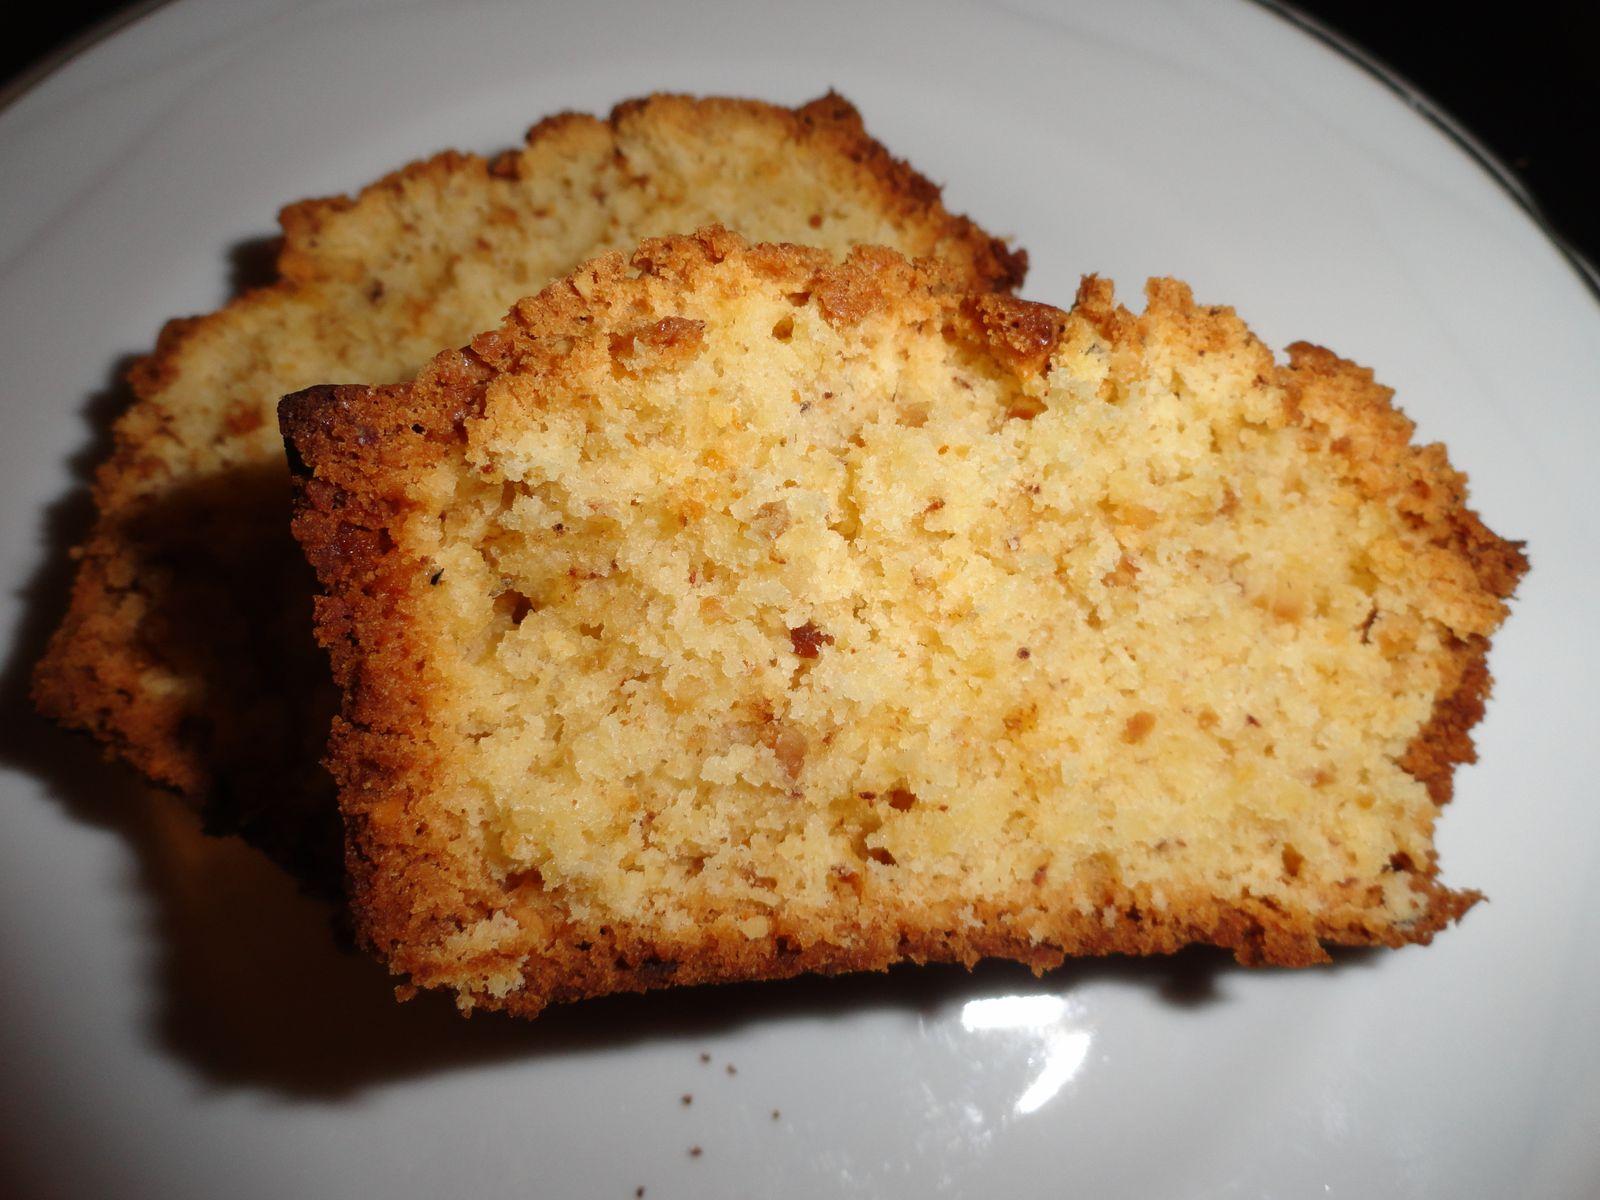 cake au pralin sans gluten - cuisiner sans gluten